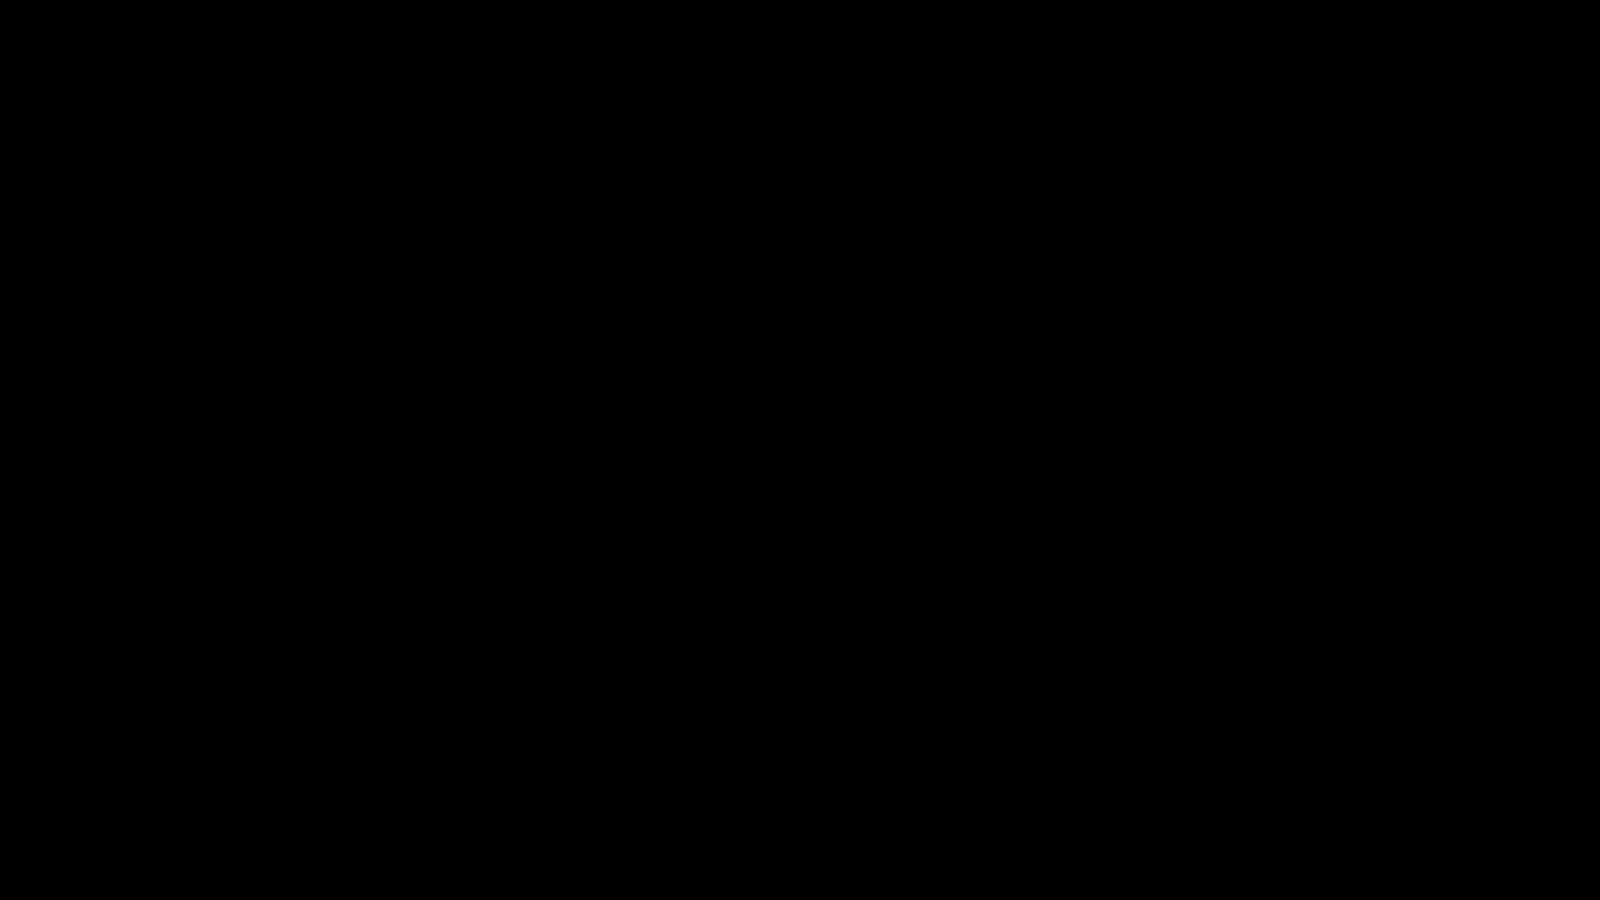 Overzicht font Open Sans